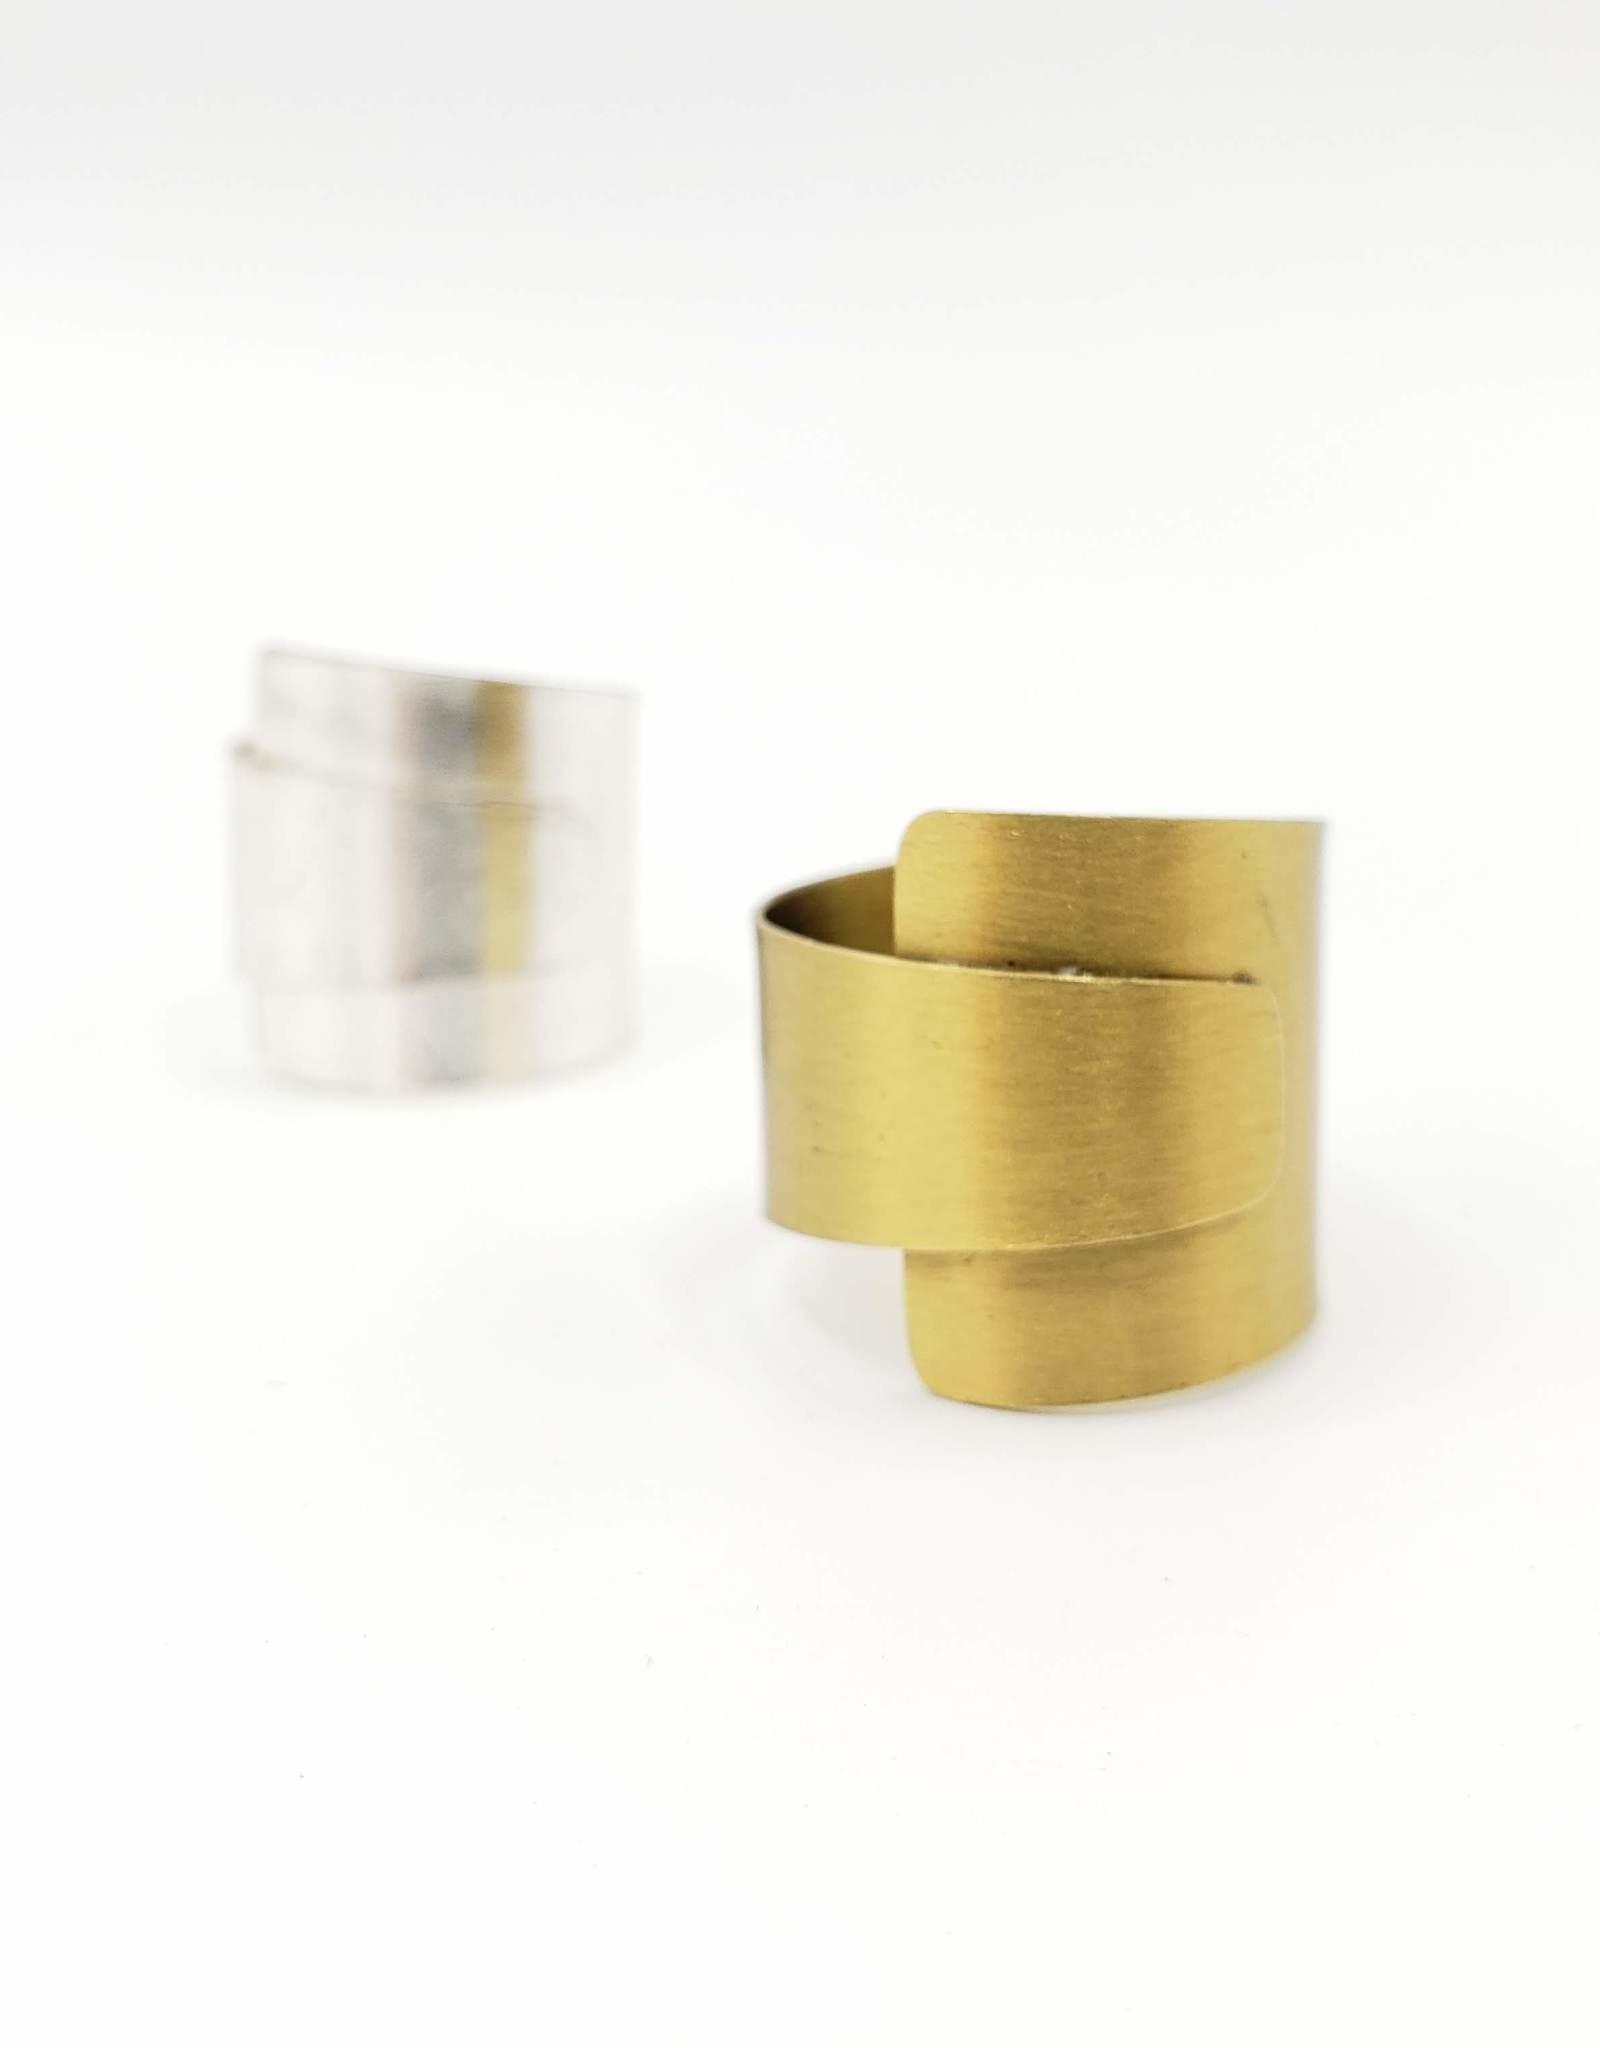 Mata Traders Wrap Ring, by Mata Traders